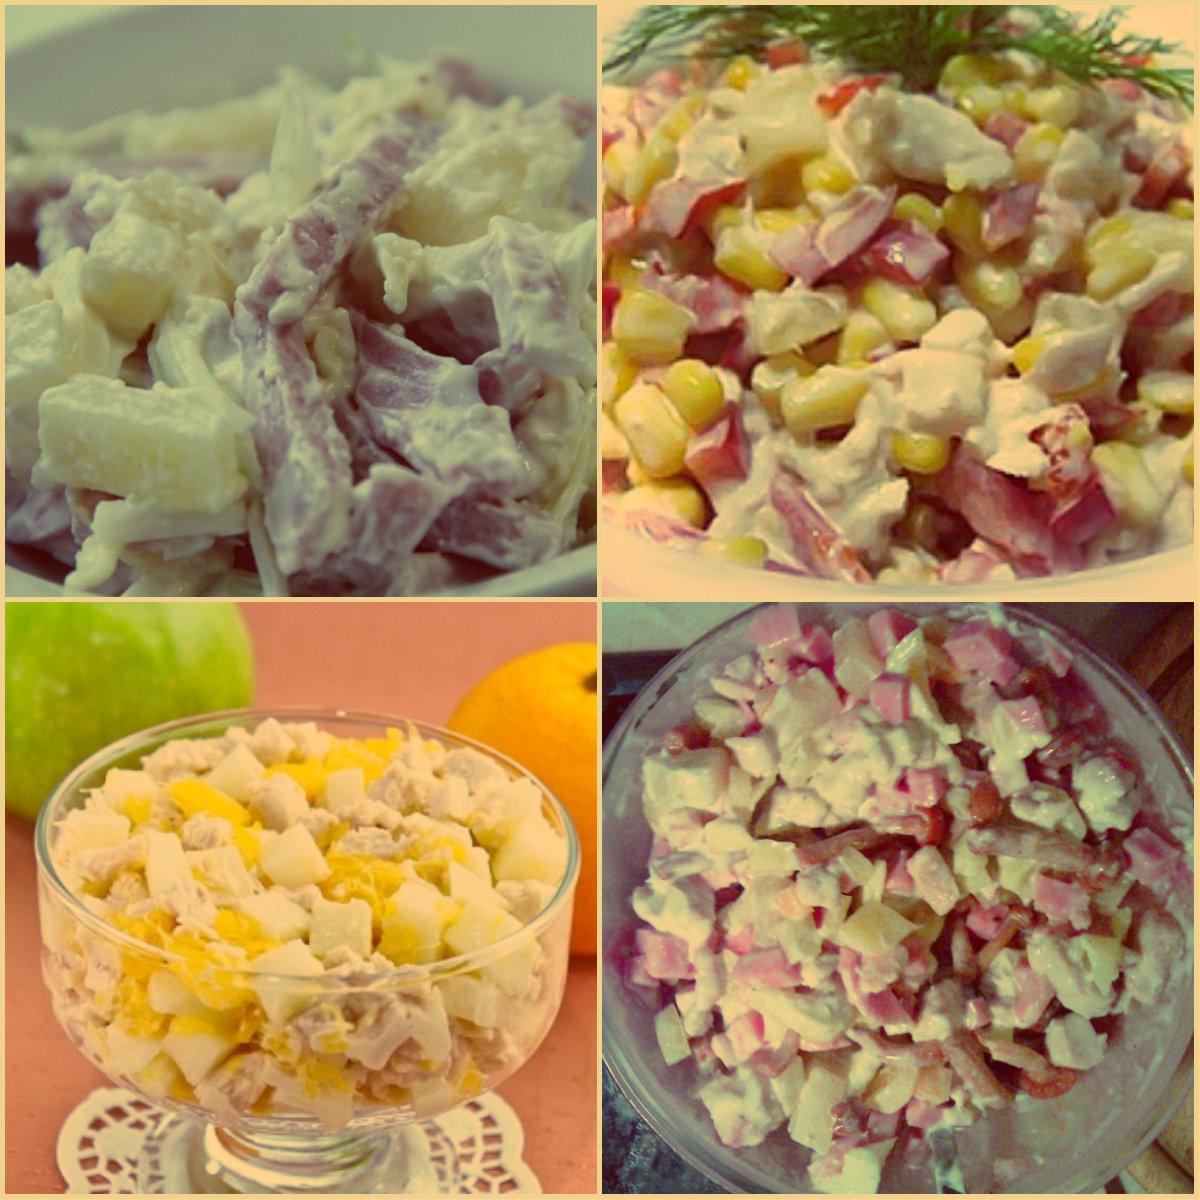 простые и вкусные рецепты салатов с ананасом